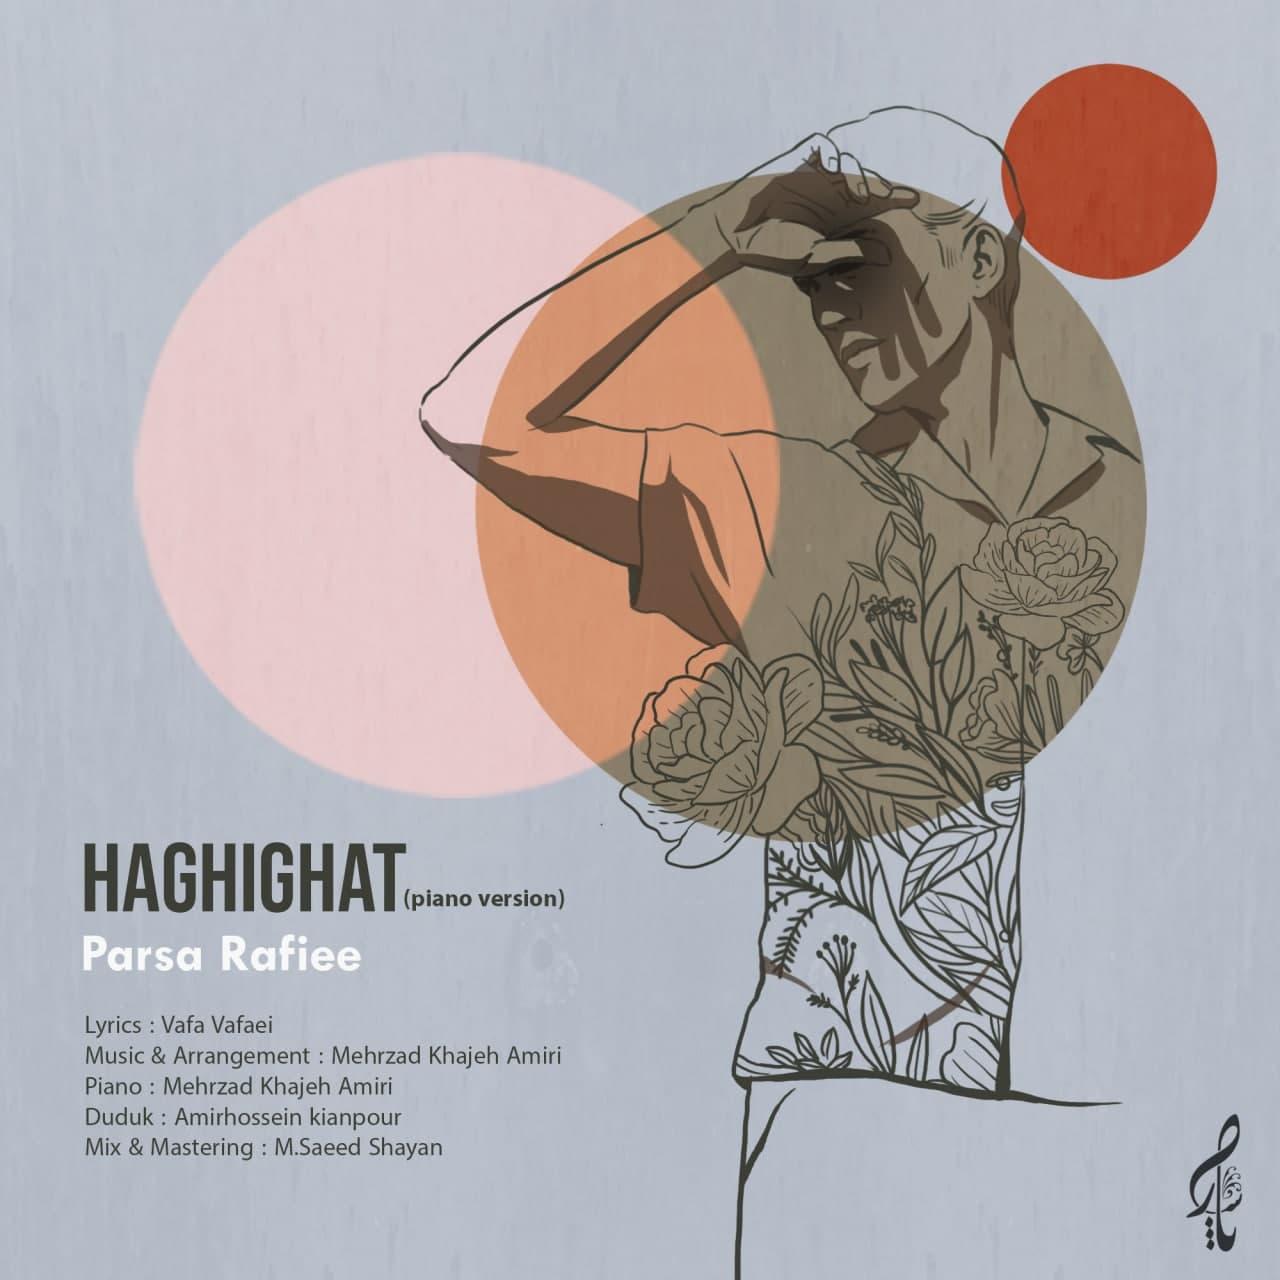 دانلود موزیک جدید حقیقت (پیانو ورژن) از پارسا رفیعی